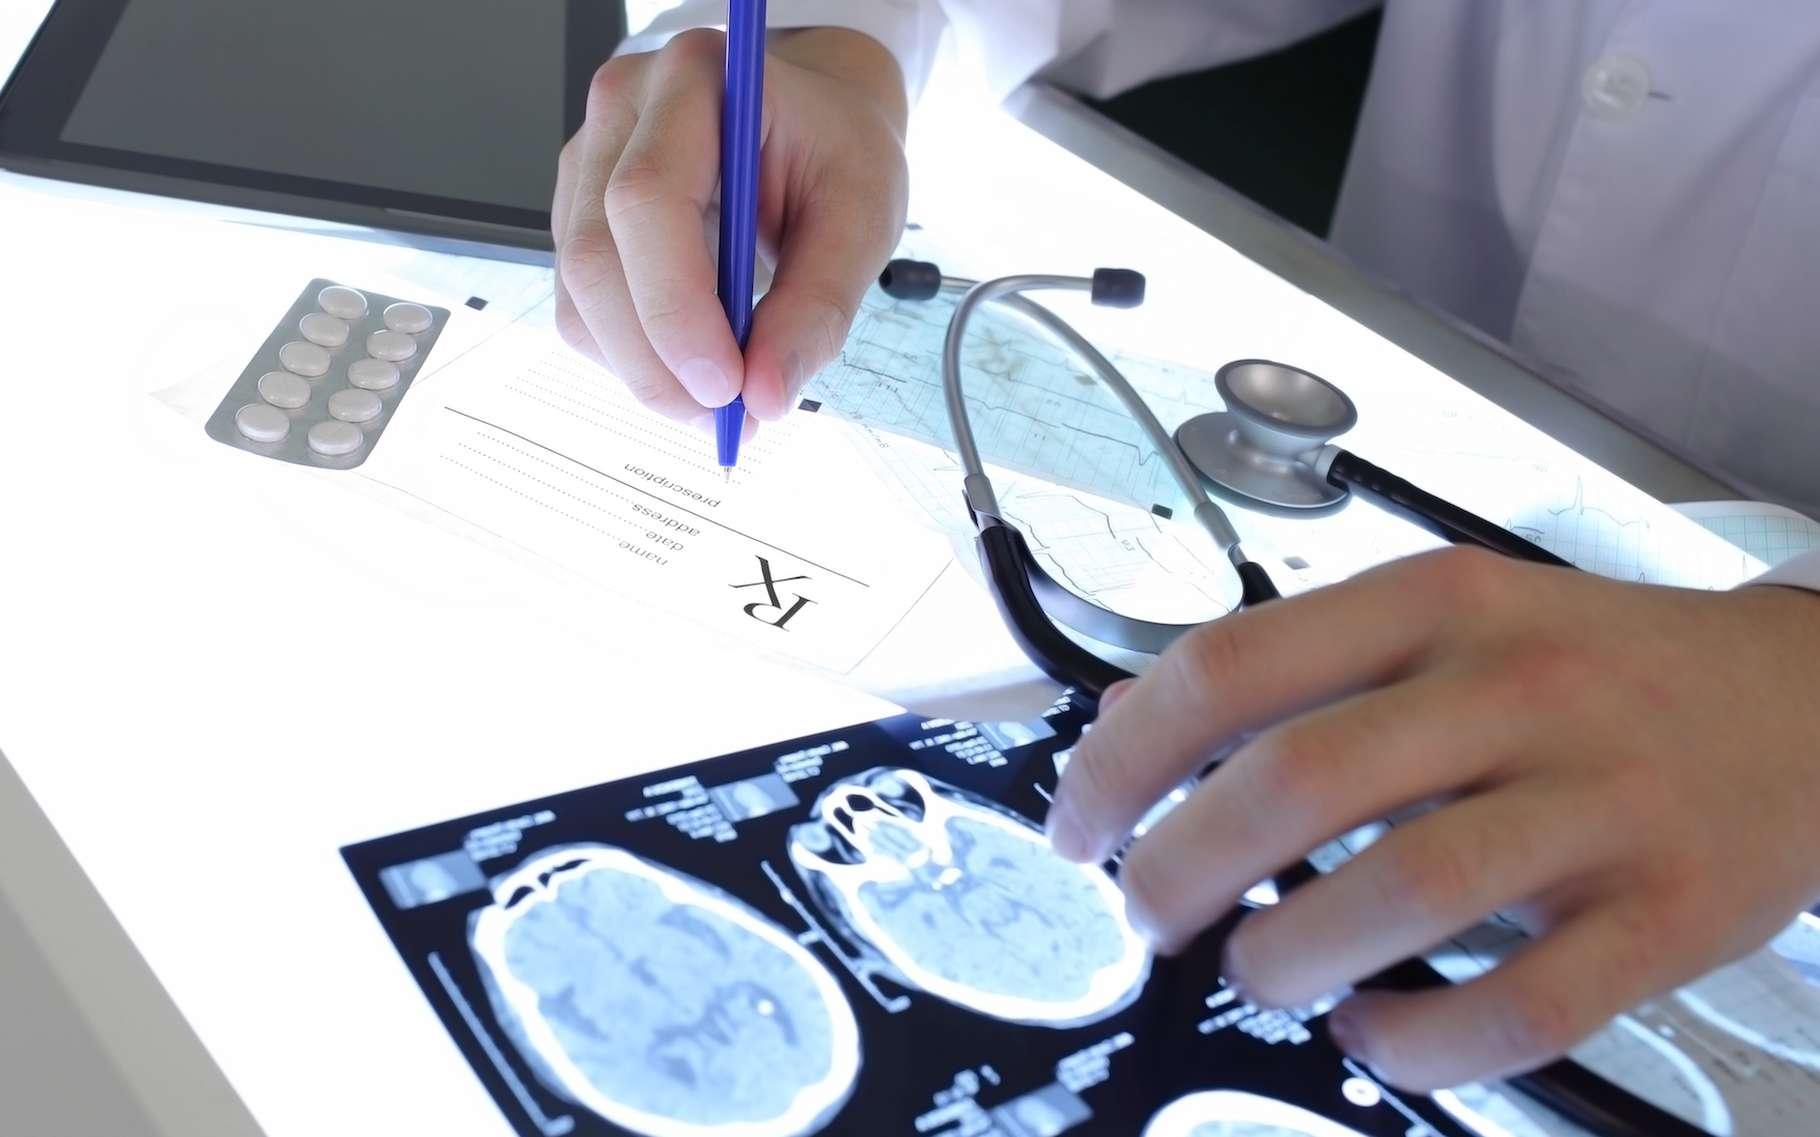 Pour la moitié des personnes épilepsiques, l'IRM ne montre aucune anomalie visible. Grâce à un cerveau virtuel, des scientifiques peuvent prédire le fonctionnement des crises pour chaque patient, ce qui offre un diagnostic beaucoup plus précis. © sfam_photo, shutterstock.com